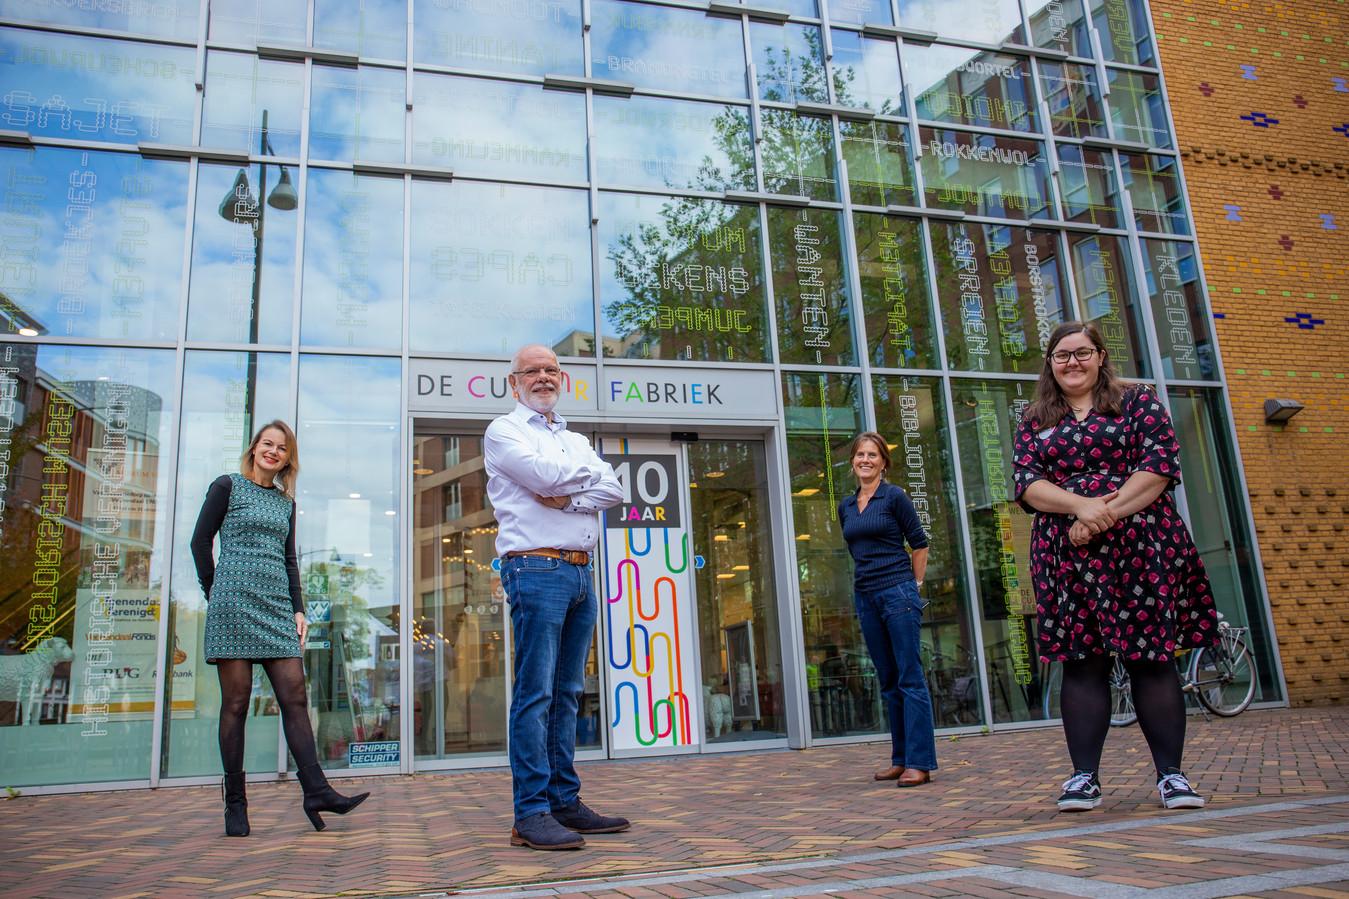 Natalie Kriek, Hennie Henzen, Cornelie de Kuijper en Darinka Thijs van de tienjarige Cultuurfabriek in Veenendaal.